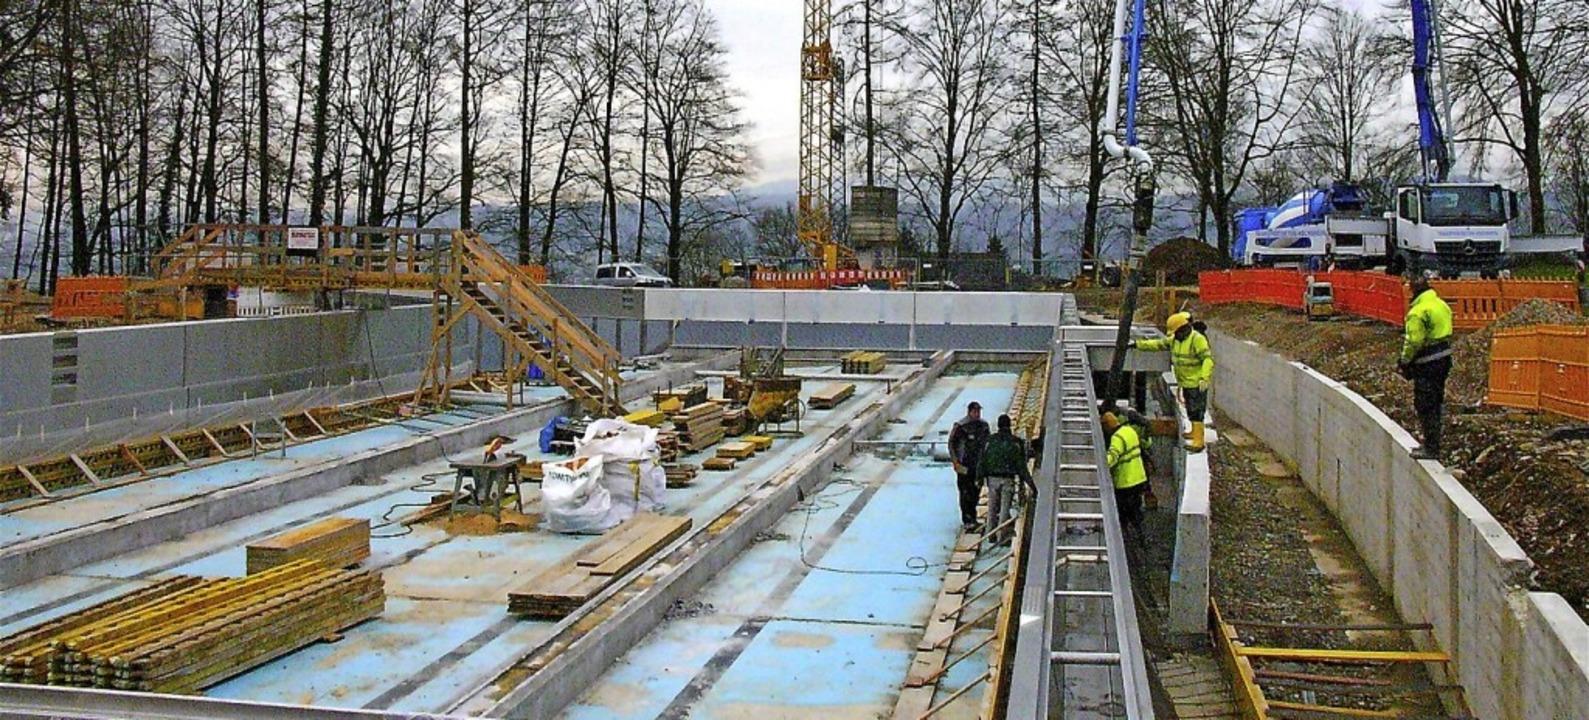 Der Stahlbetonbau kommt vor der Edelstahlverkleidung des Beckens.  | Foto: Richard Kaiser